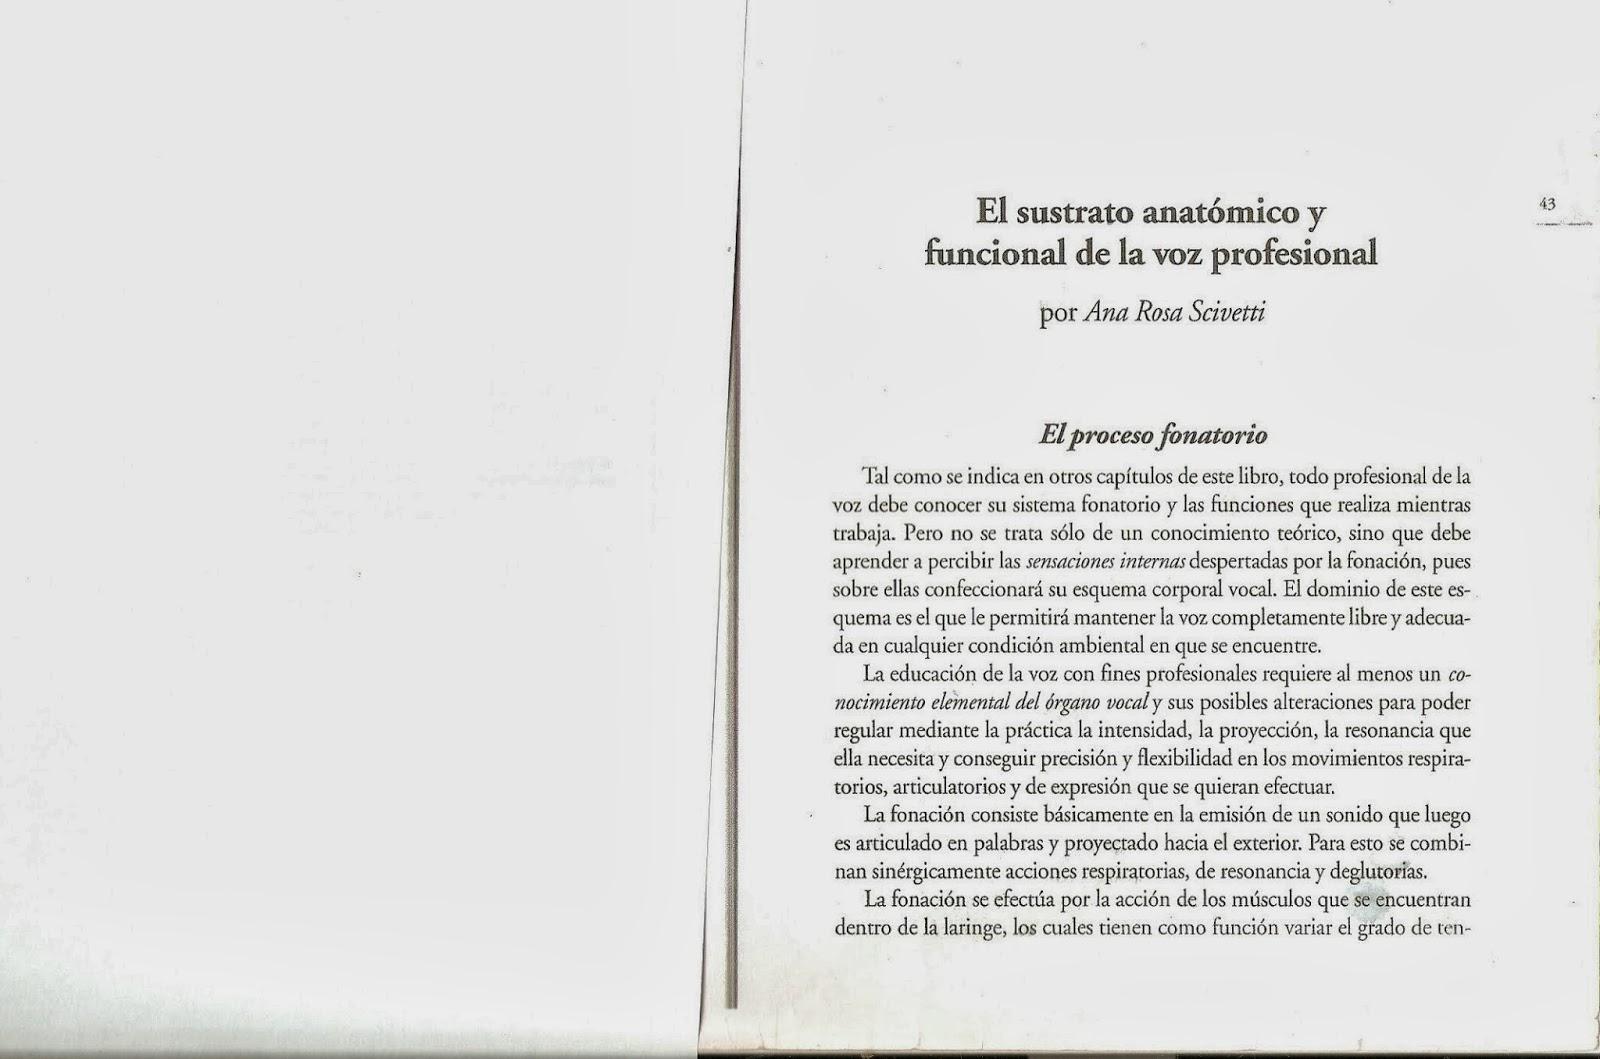 Moderno Temas De Anatomía Y Fisiología Ilustración - Imágenes de ...